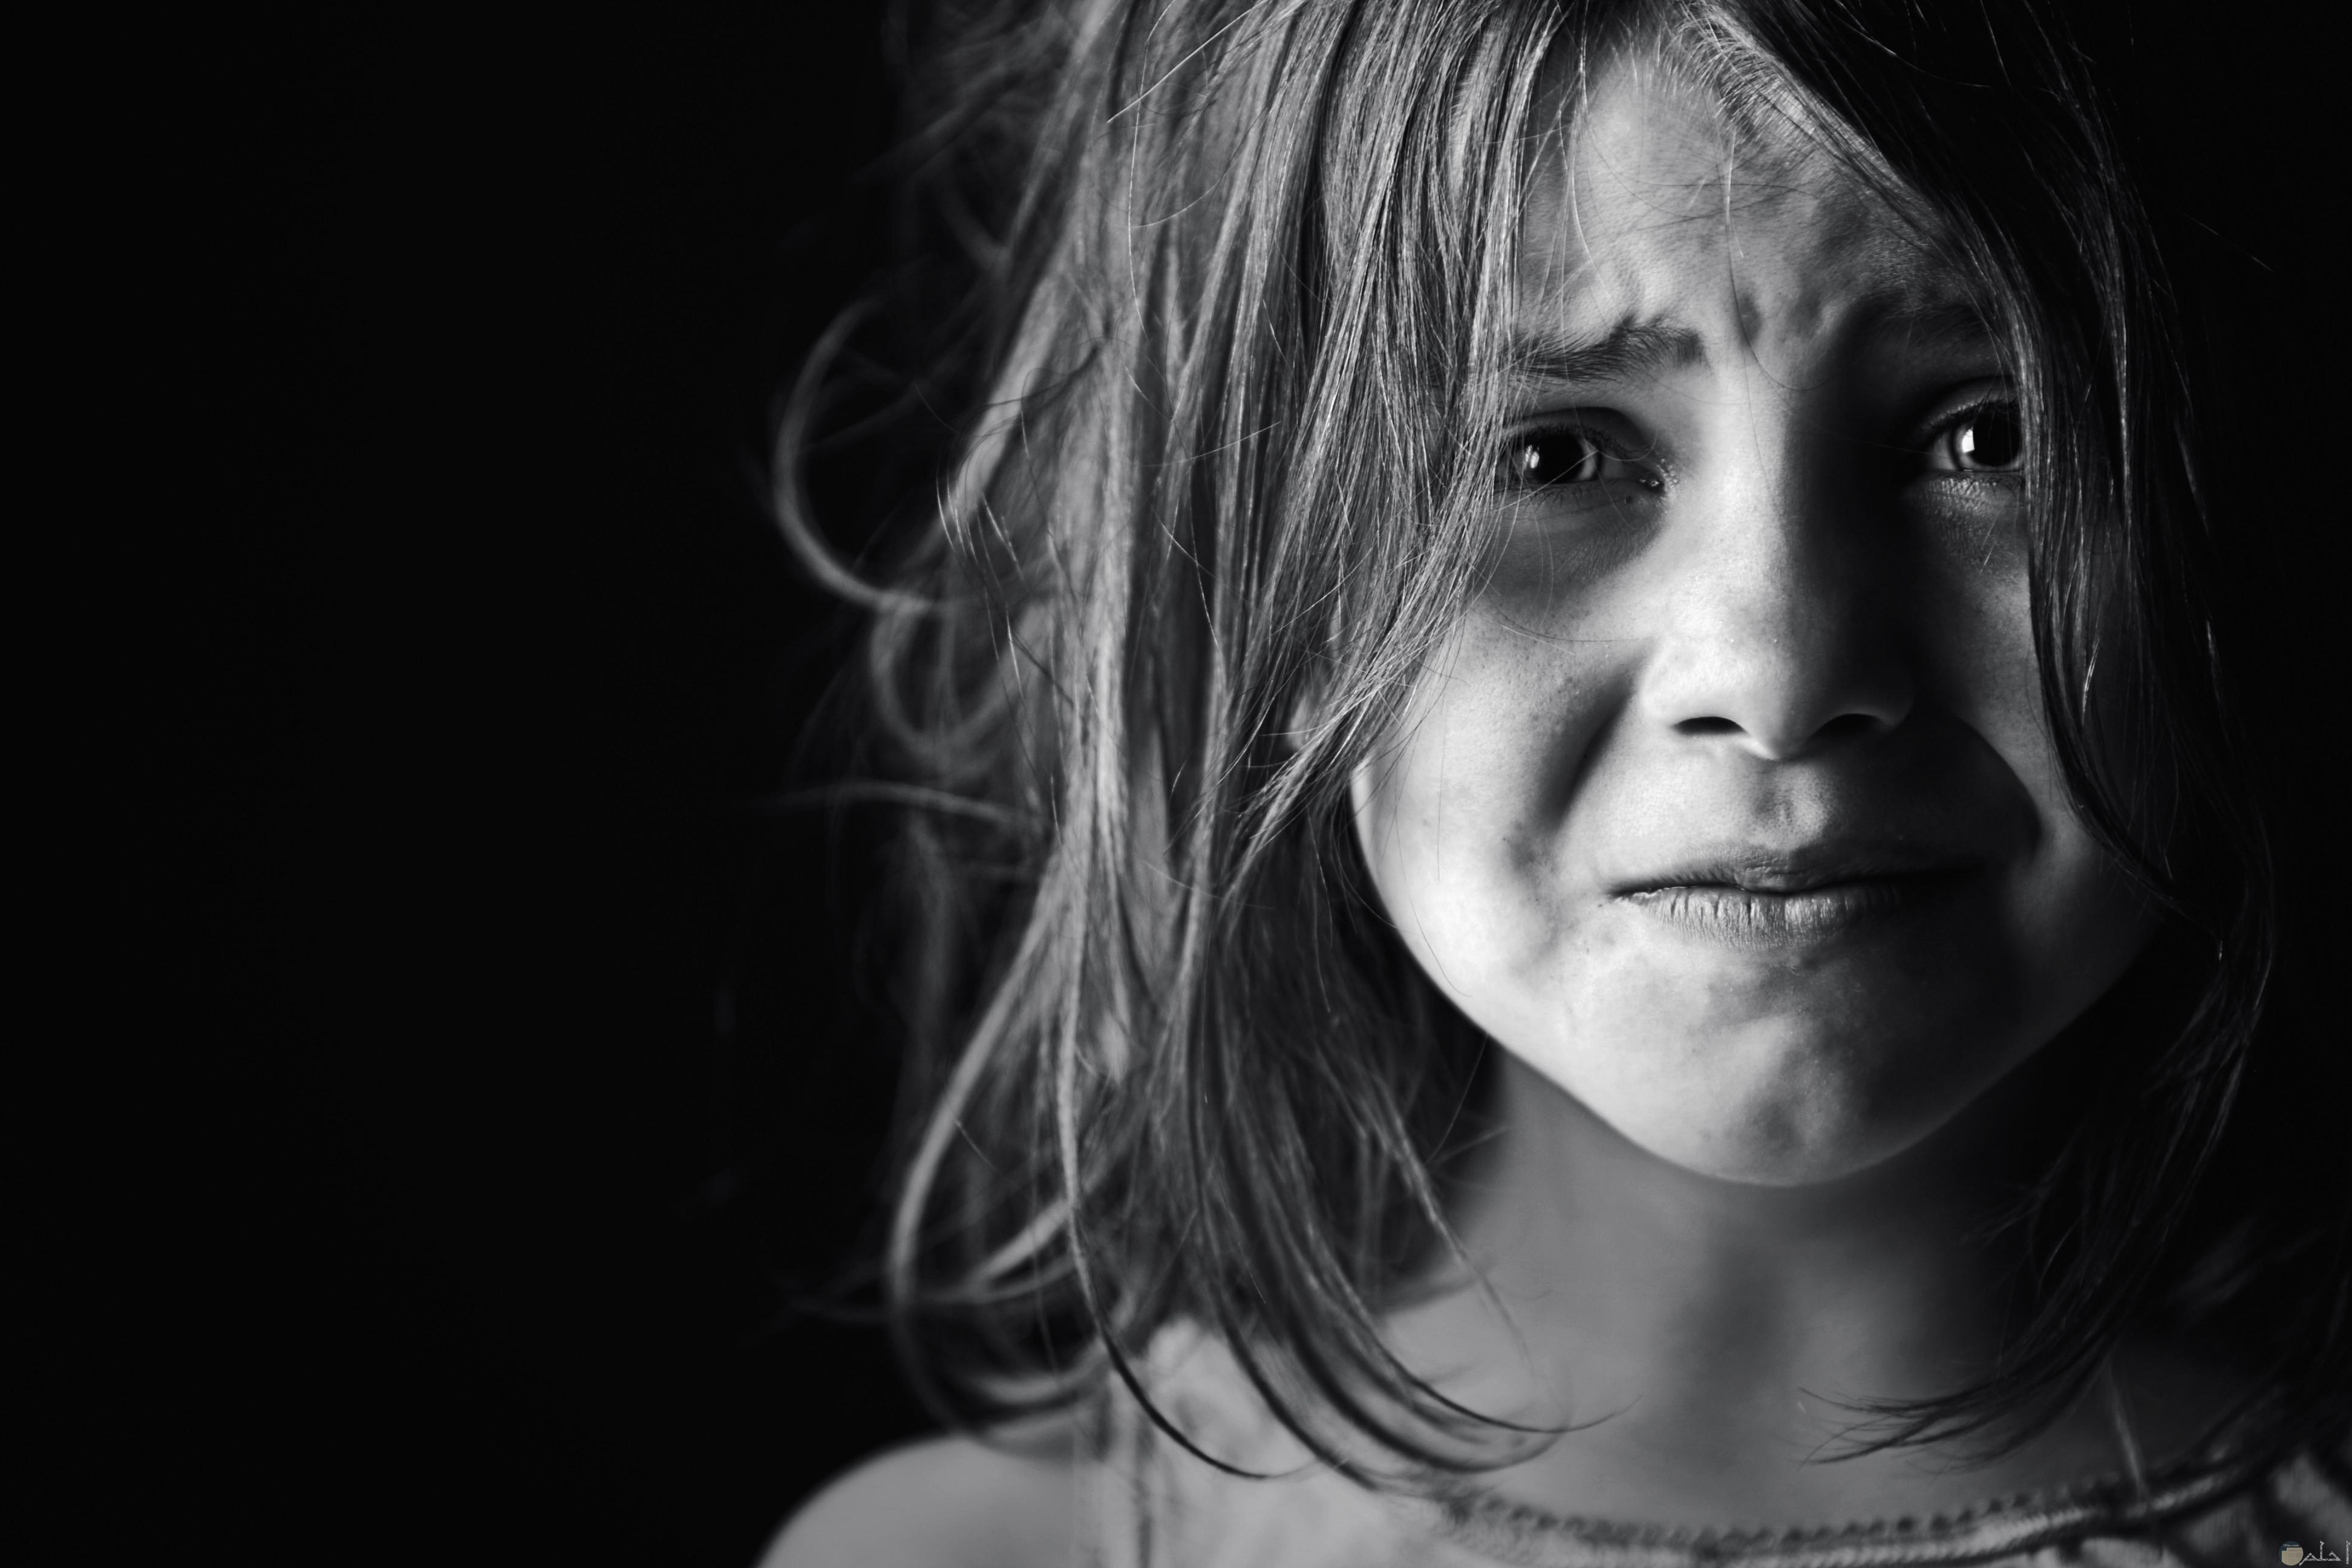 صور اطفال يغمرهم الحزن